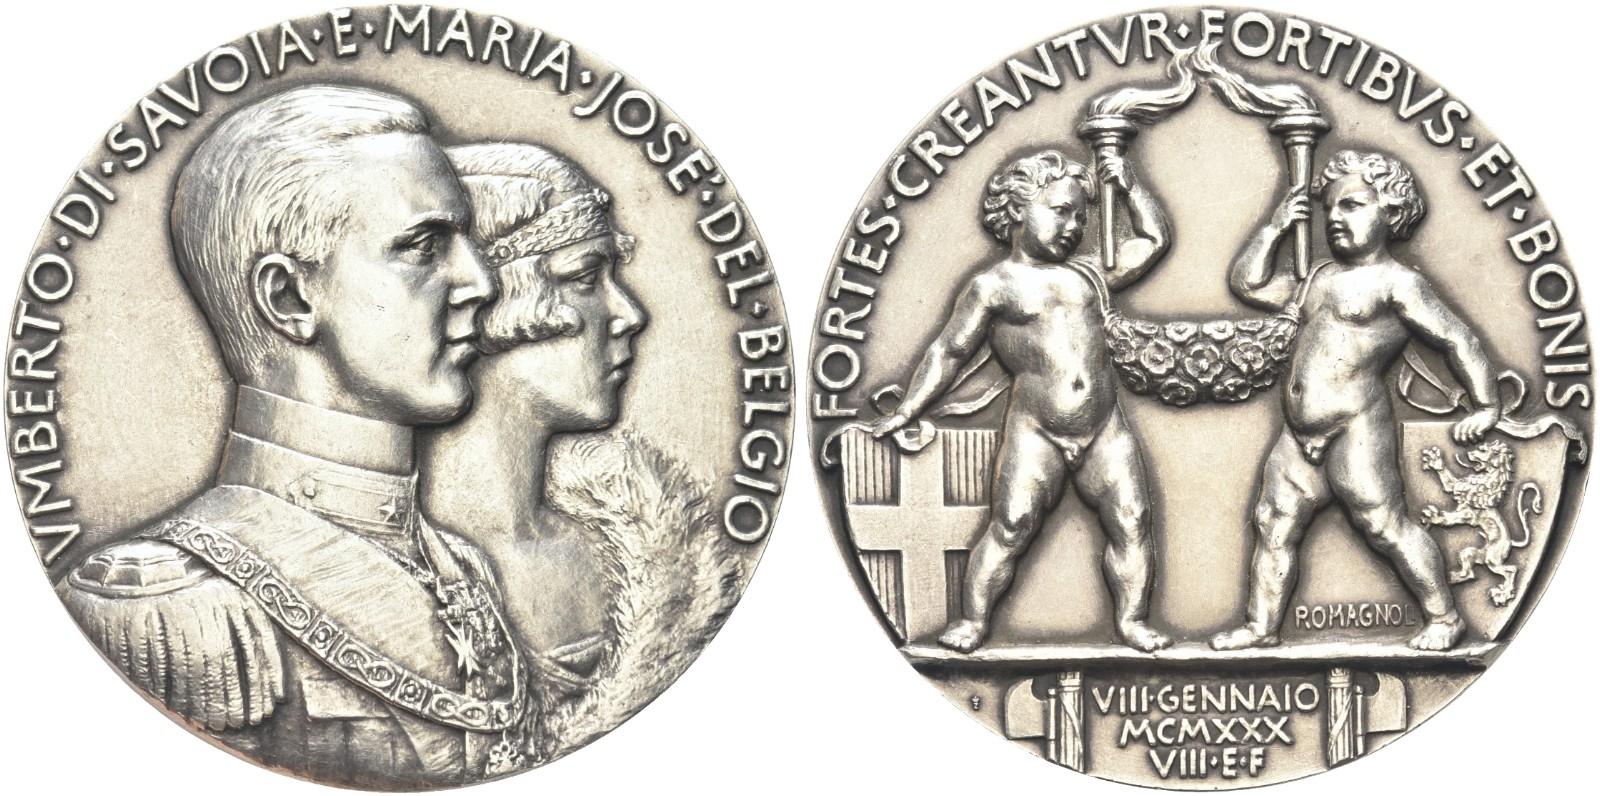 La magnifica medaglia nuziale modellata da Giuseppe Romagnoli e coniata dalla Regia Zecca nel 1930